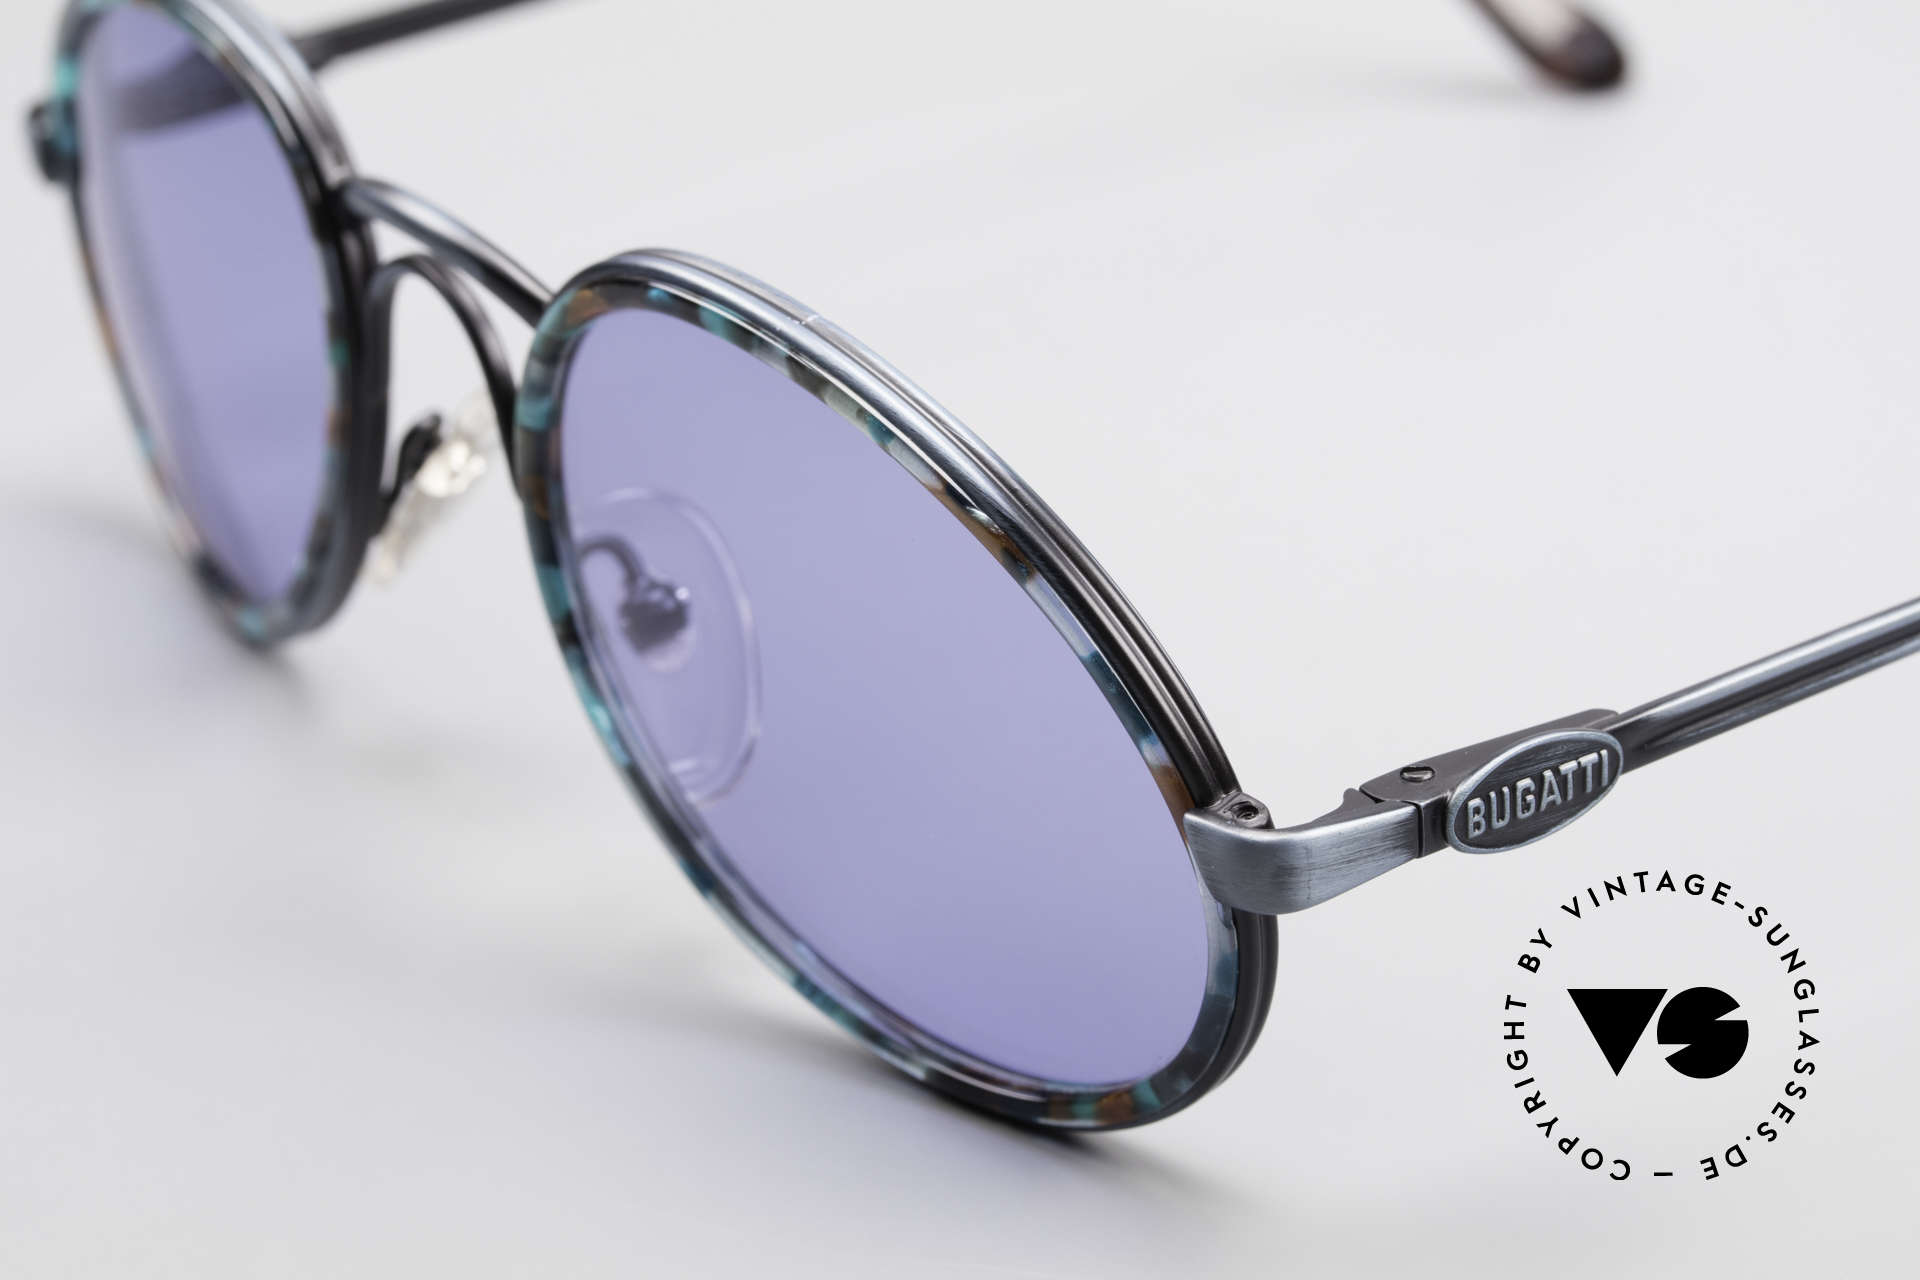 Bugatti 03328T Alte 80er Bugatti Herrenbrille, Top-Qualität, flexible Federscharniere & original Etui, Passend für Herren